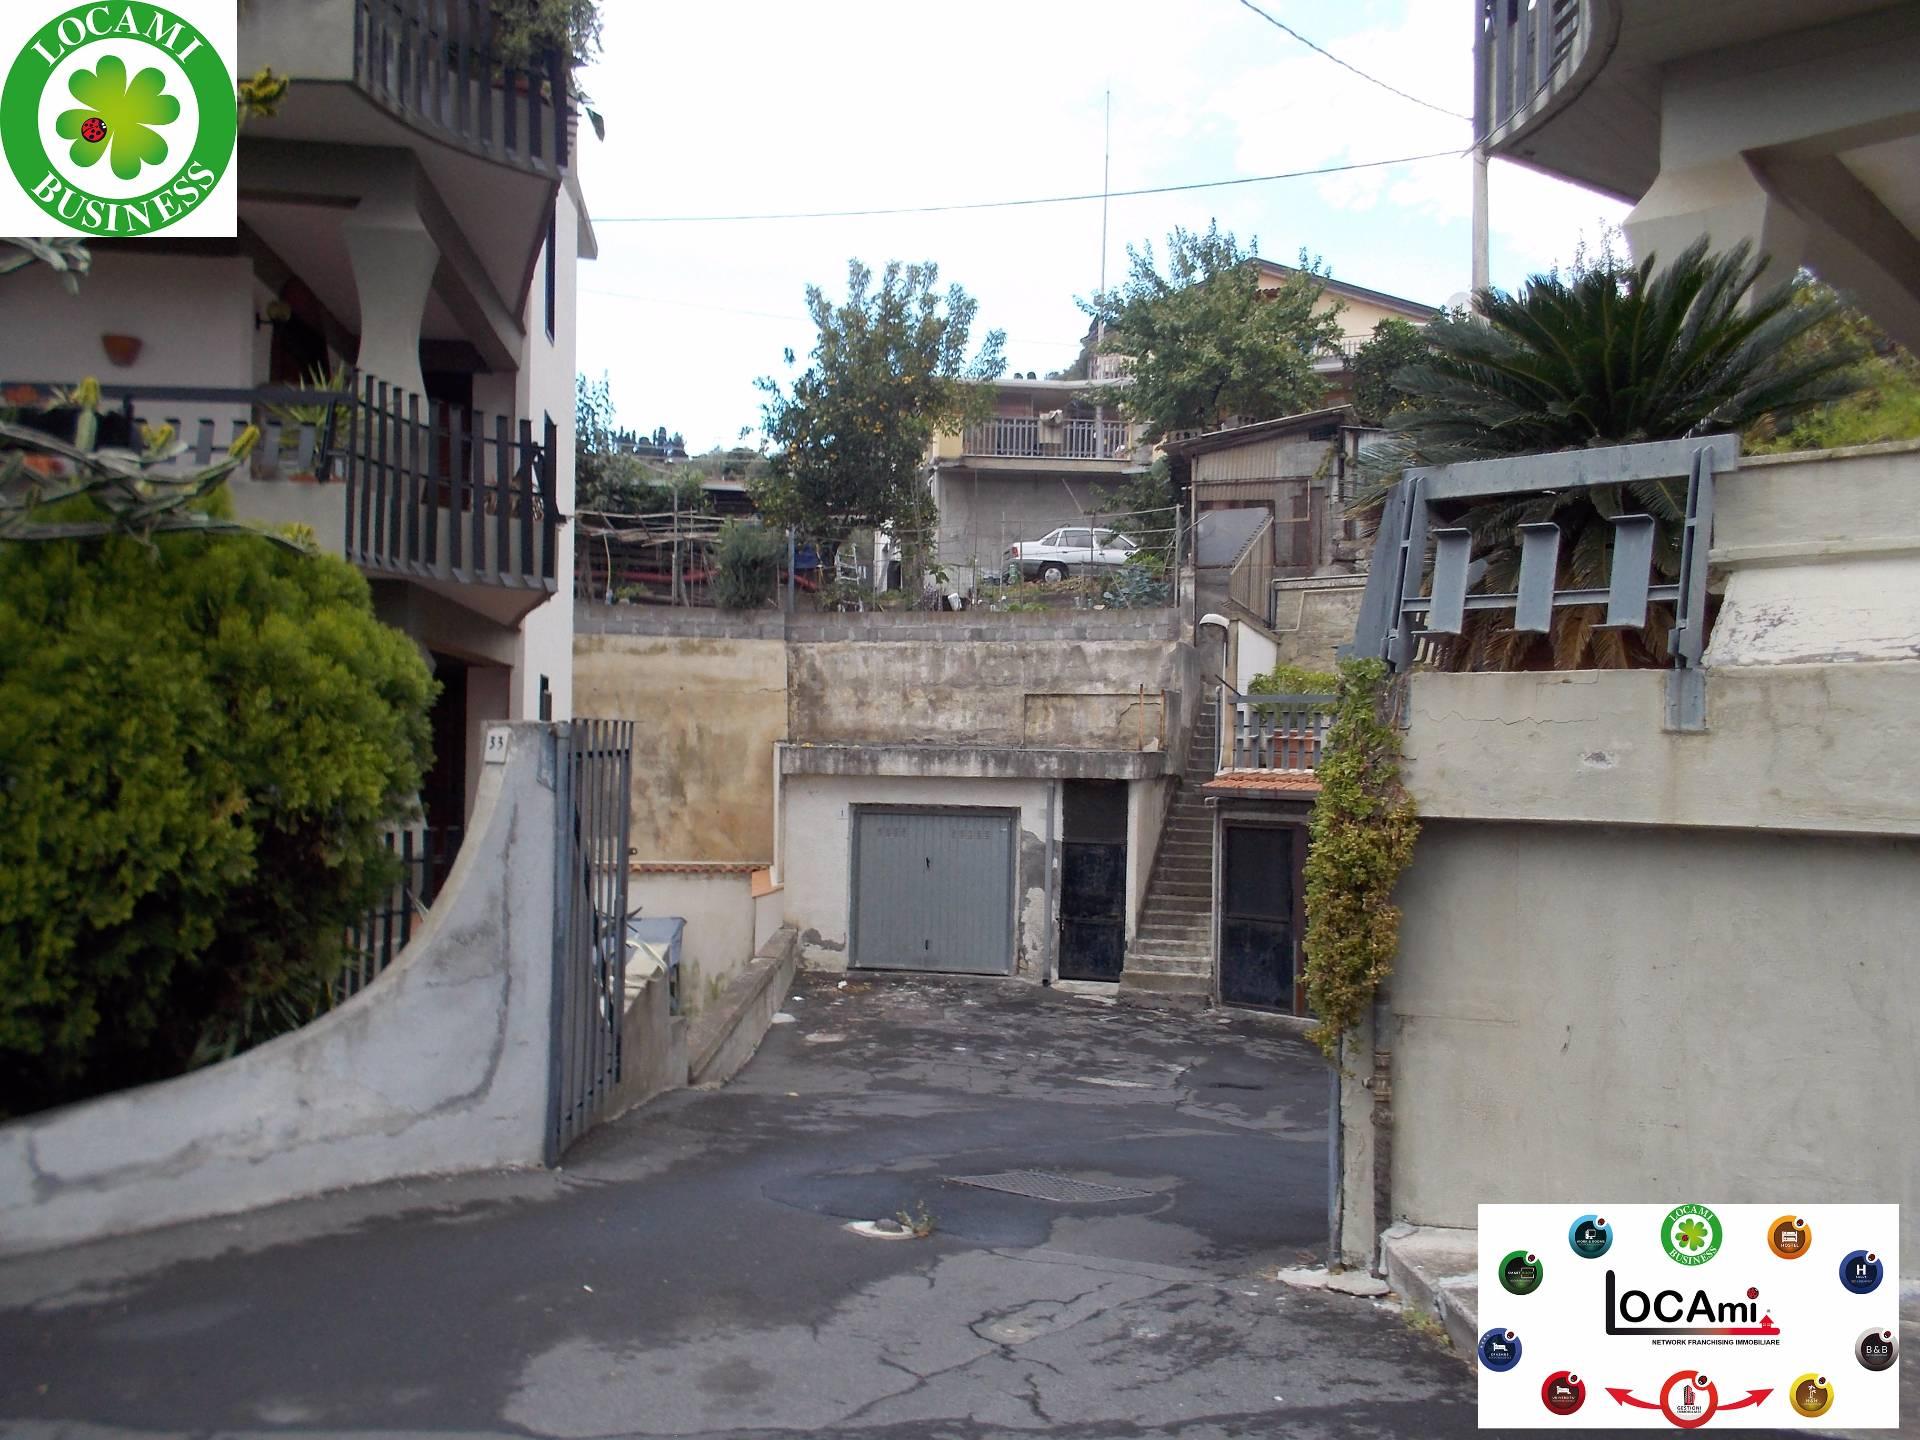 Negozio / Locale in vendita a Aci Castello, 9999 locali, zona Zona: Ficarazzi, prezzo € 80.000 | Cambio Casa.it